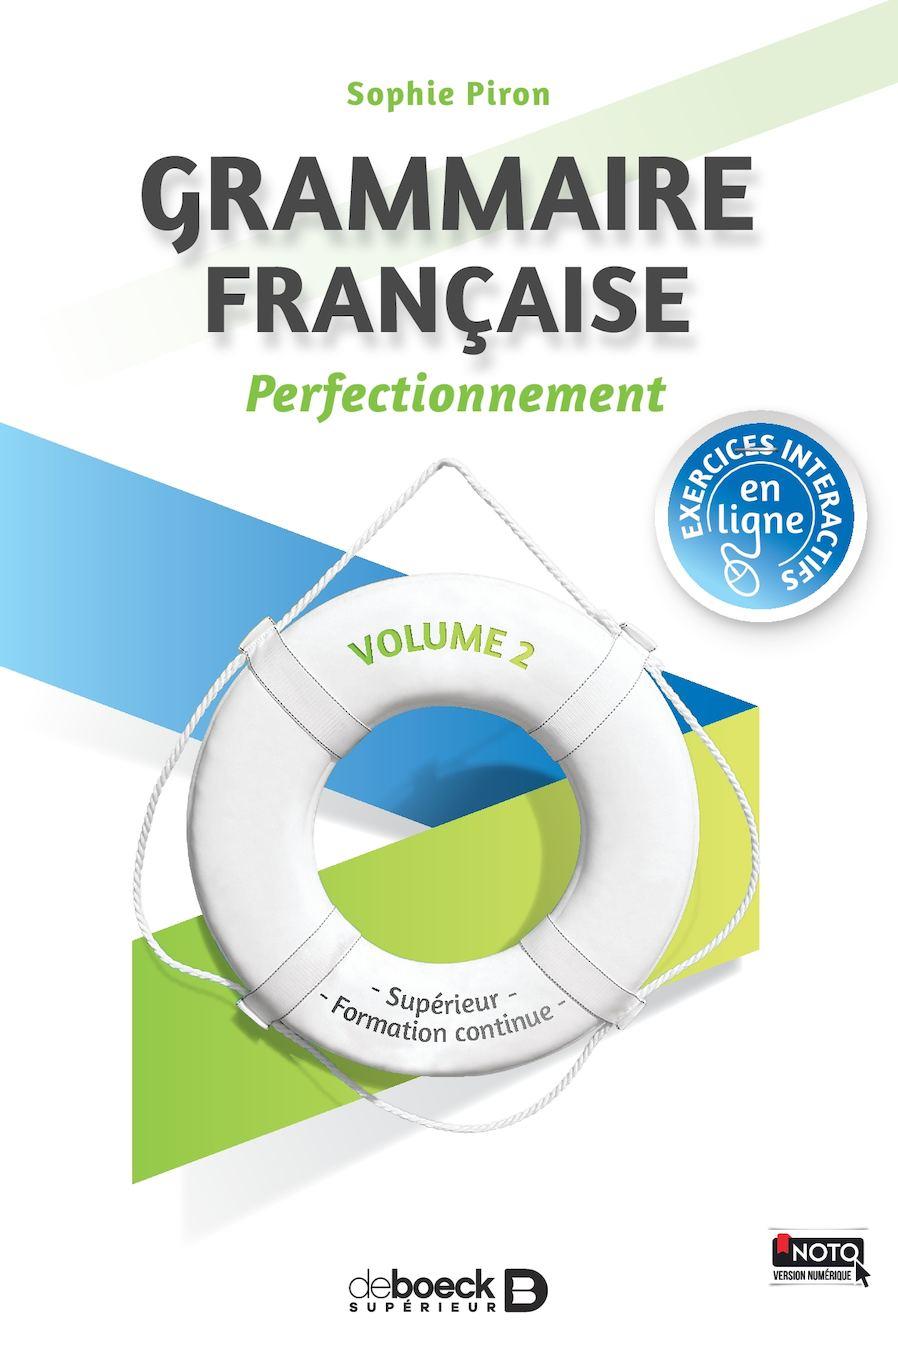 Grammaire française : perfectionnement